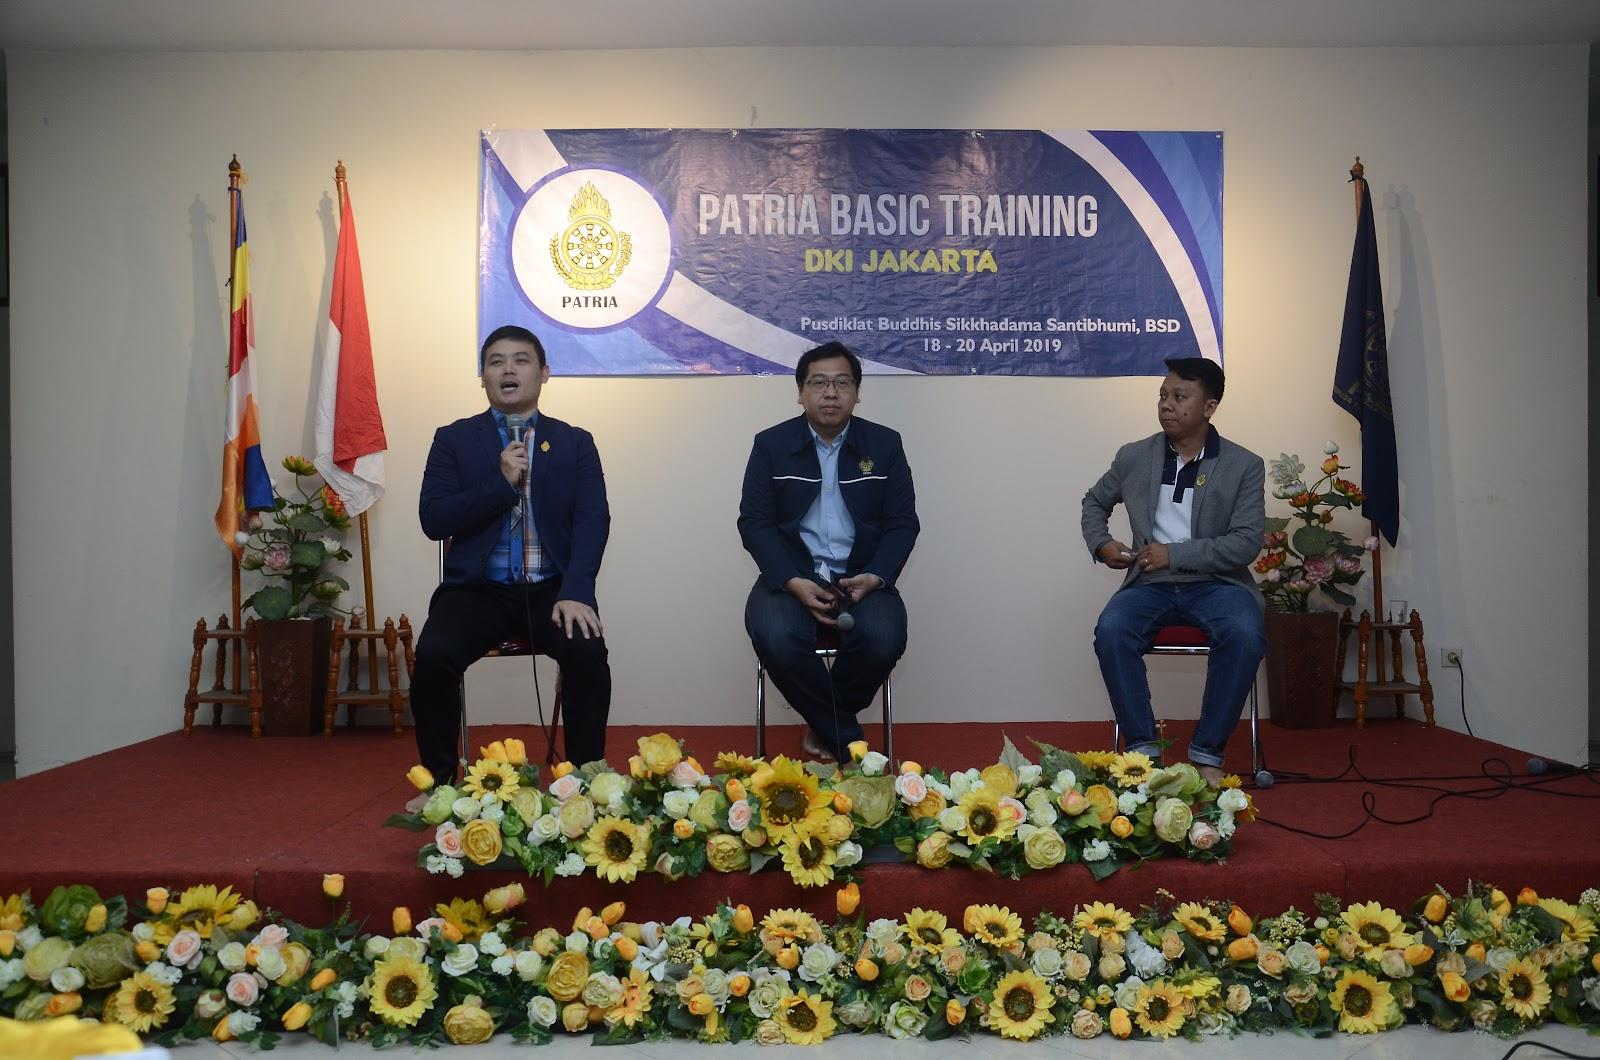 Patria Basic Training